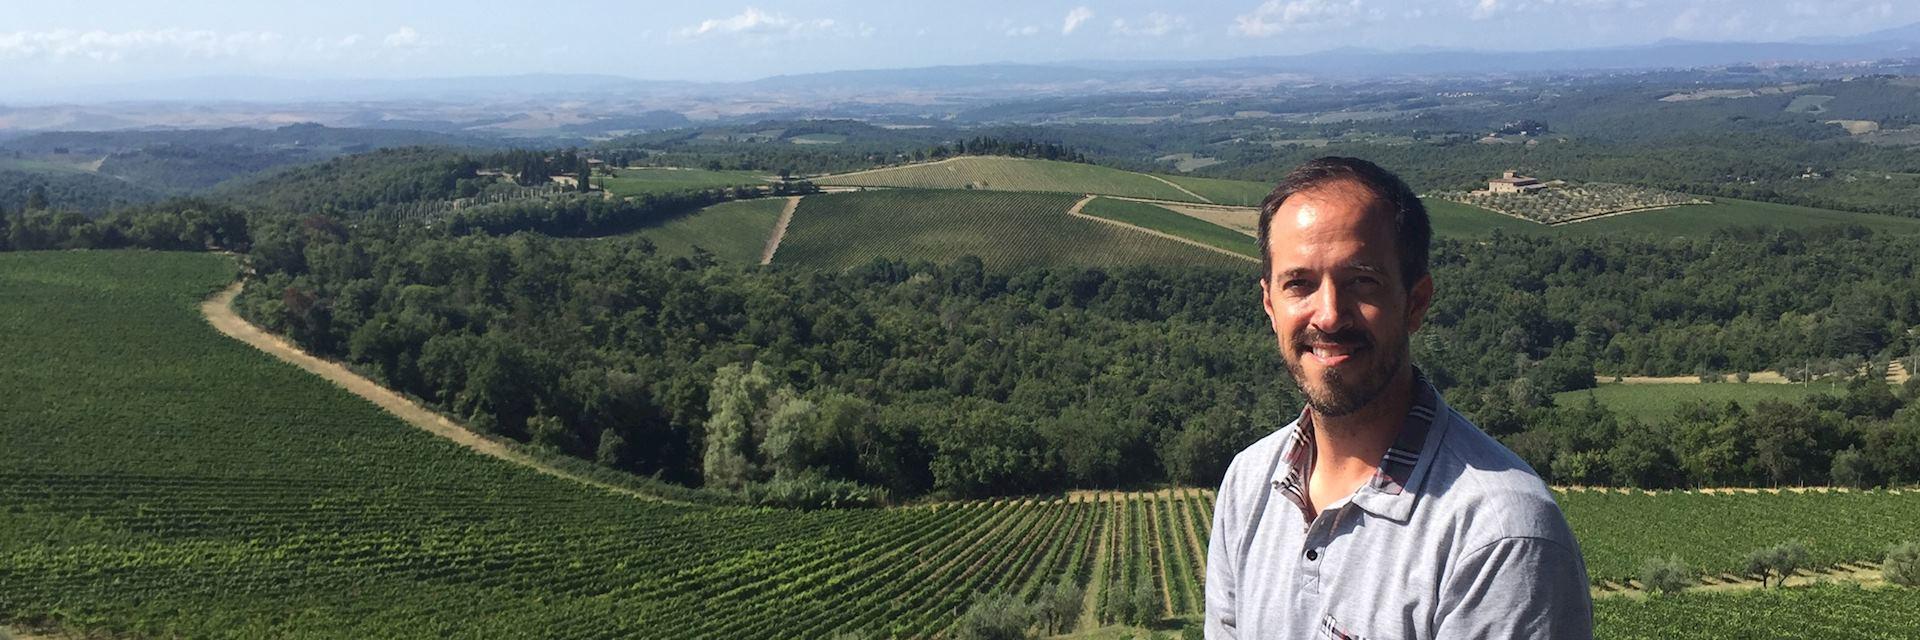 Jeffrey in Tuscany, Italy